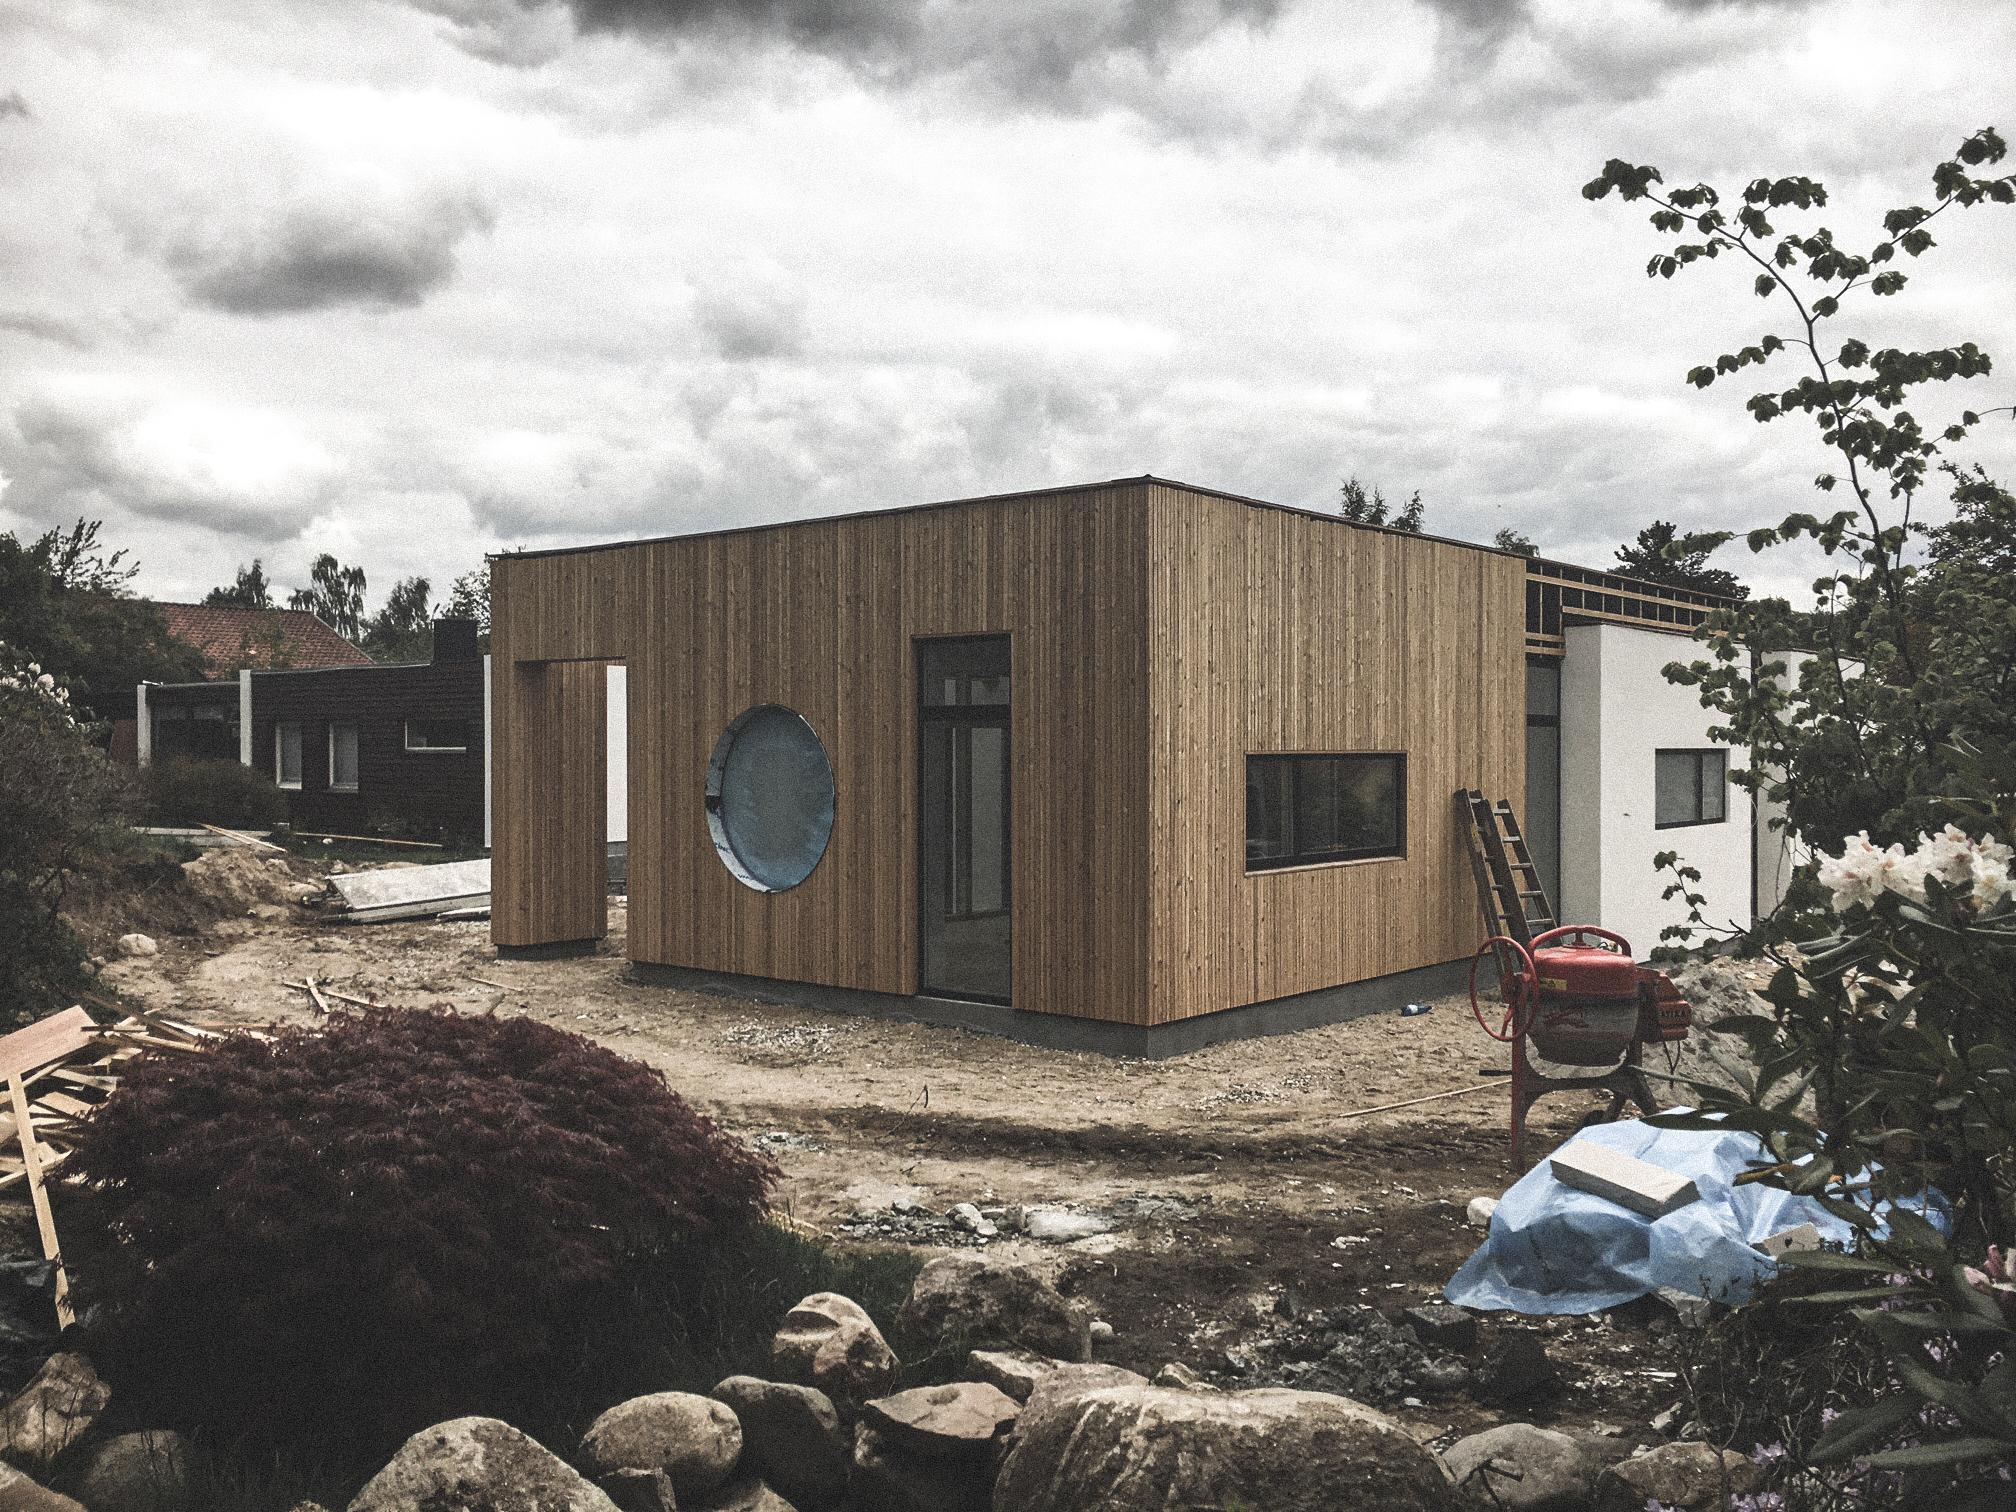 Billede af et igangværende byggeri i Værløse, tegnet af arkitektfirmaet m2plus.